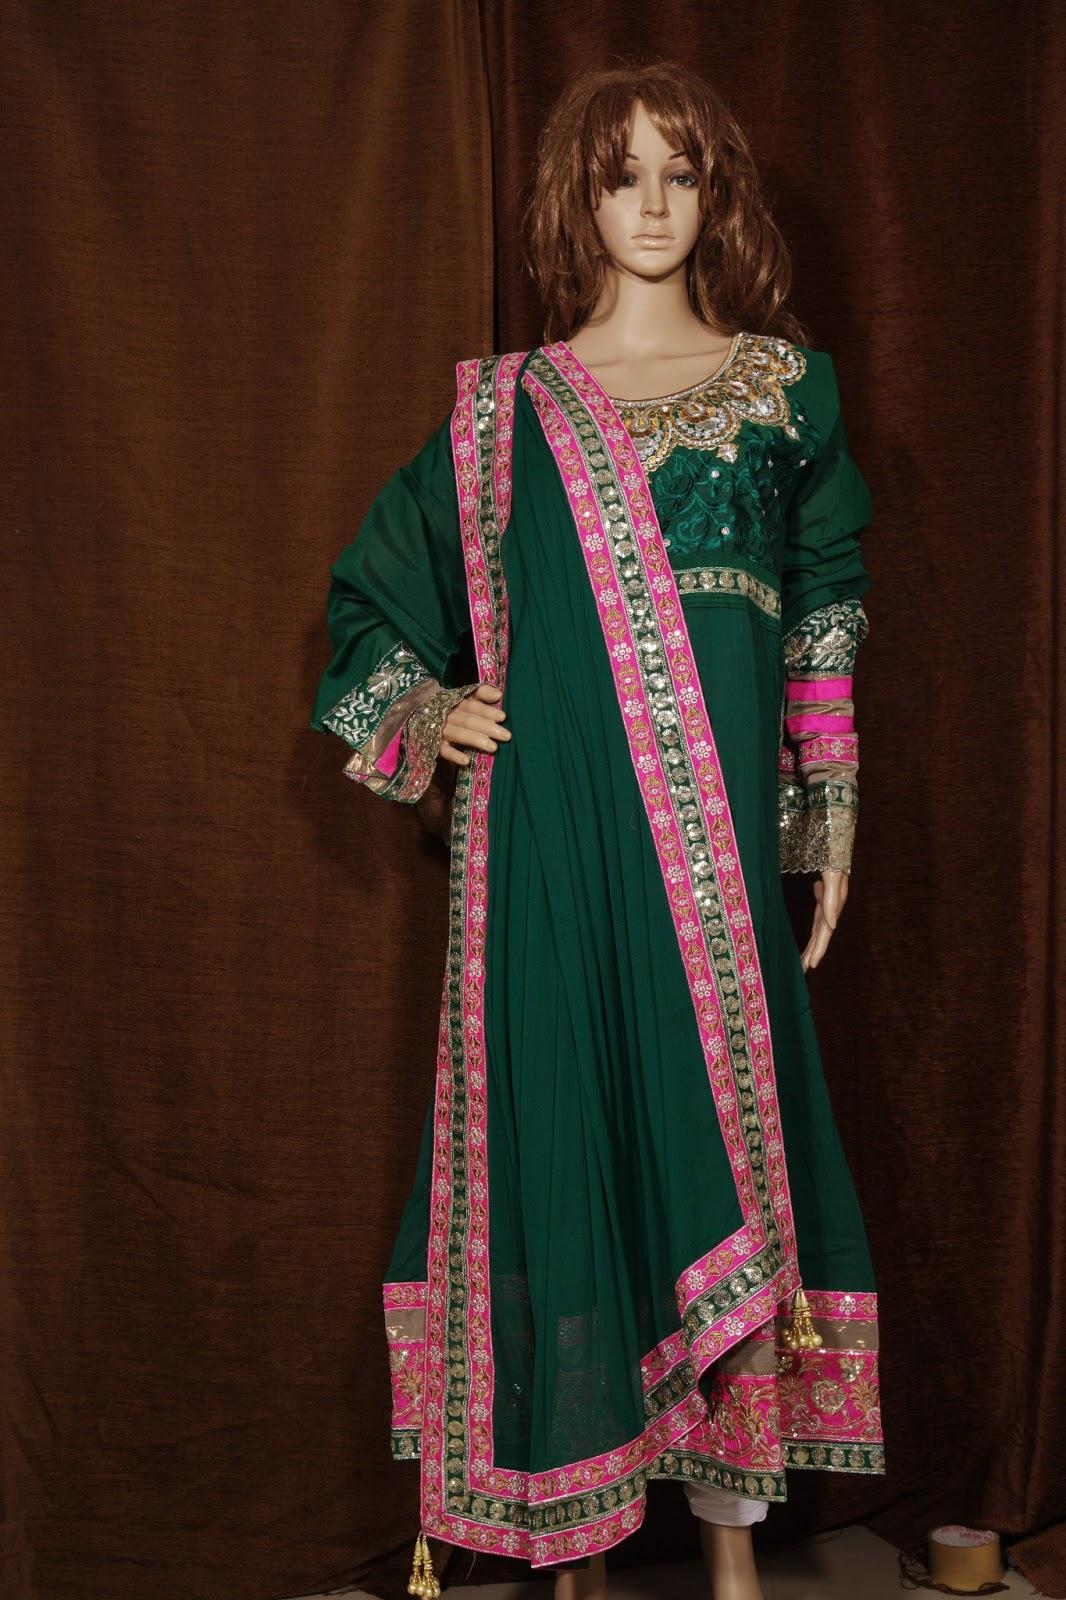 Fashion :: Women's Apparel :: Ethnic Wear :: Blouses ...  |Kareena In Green Anarkali Dress